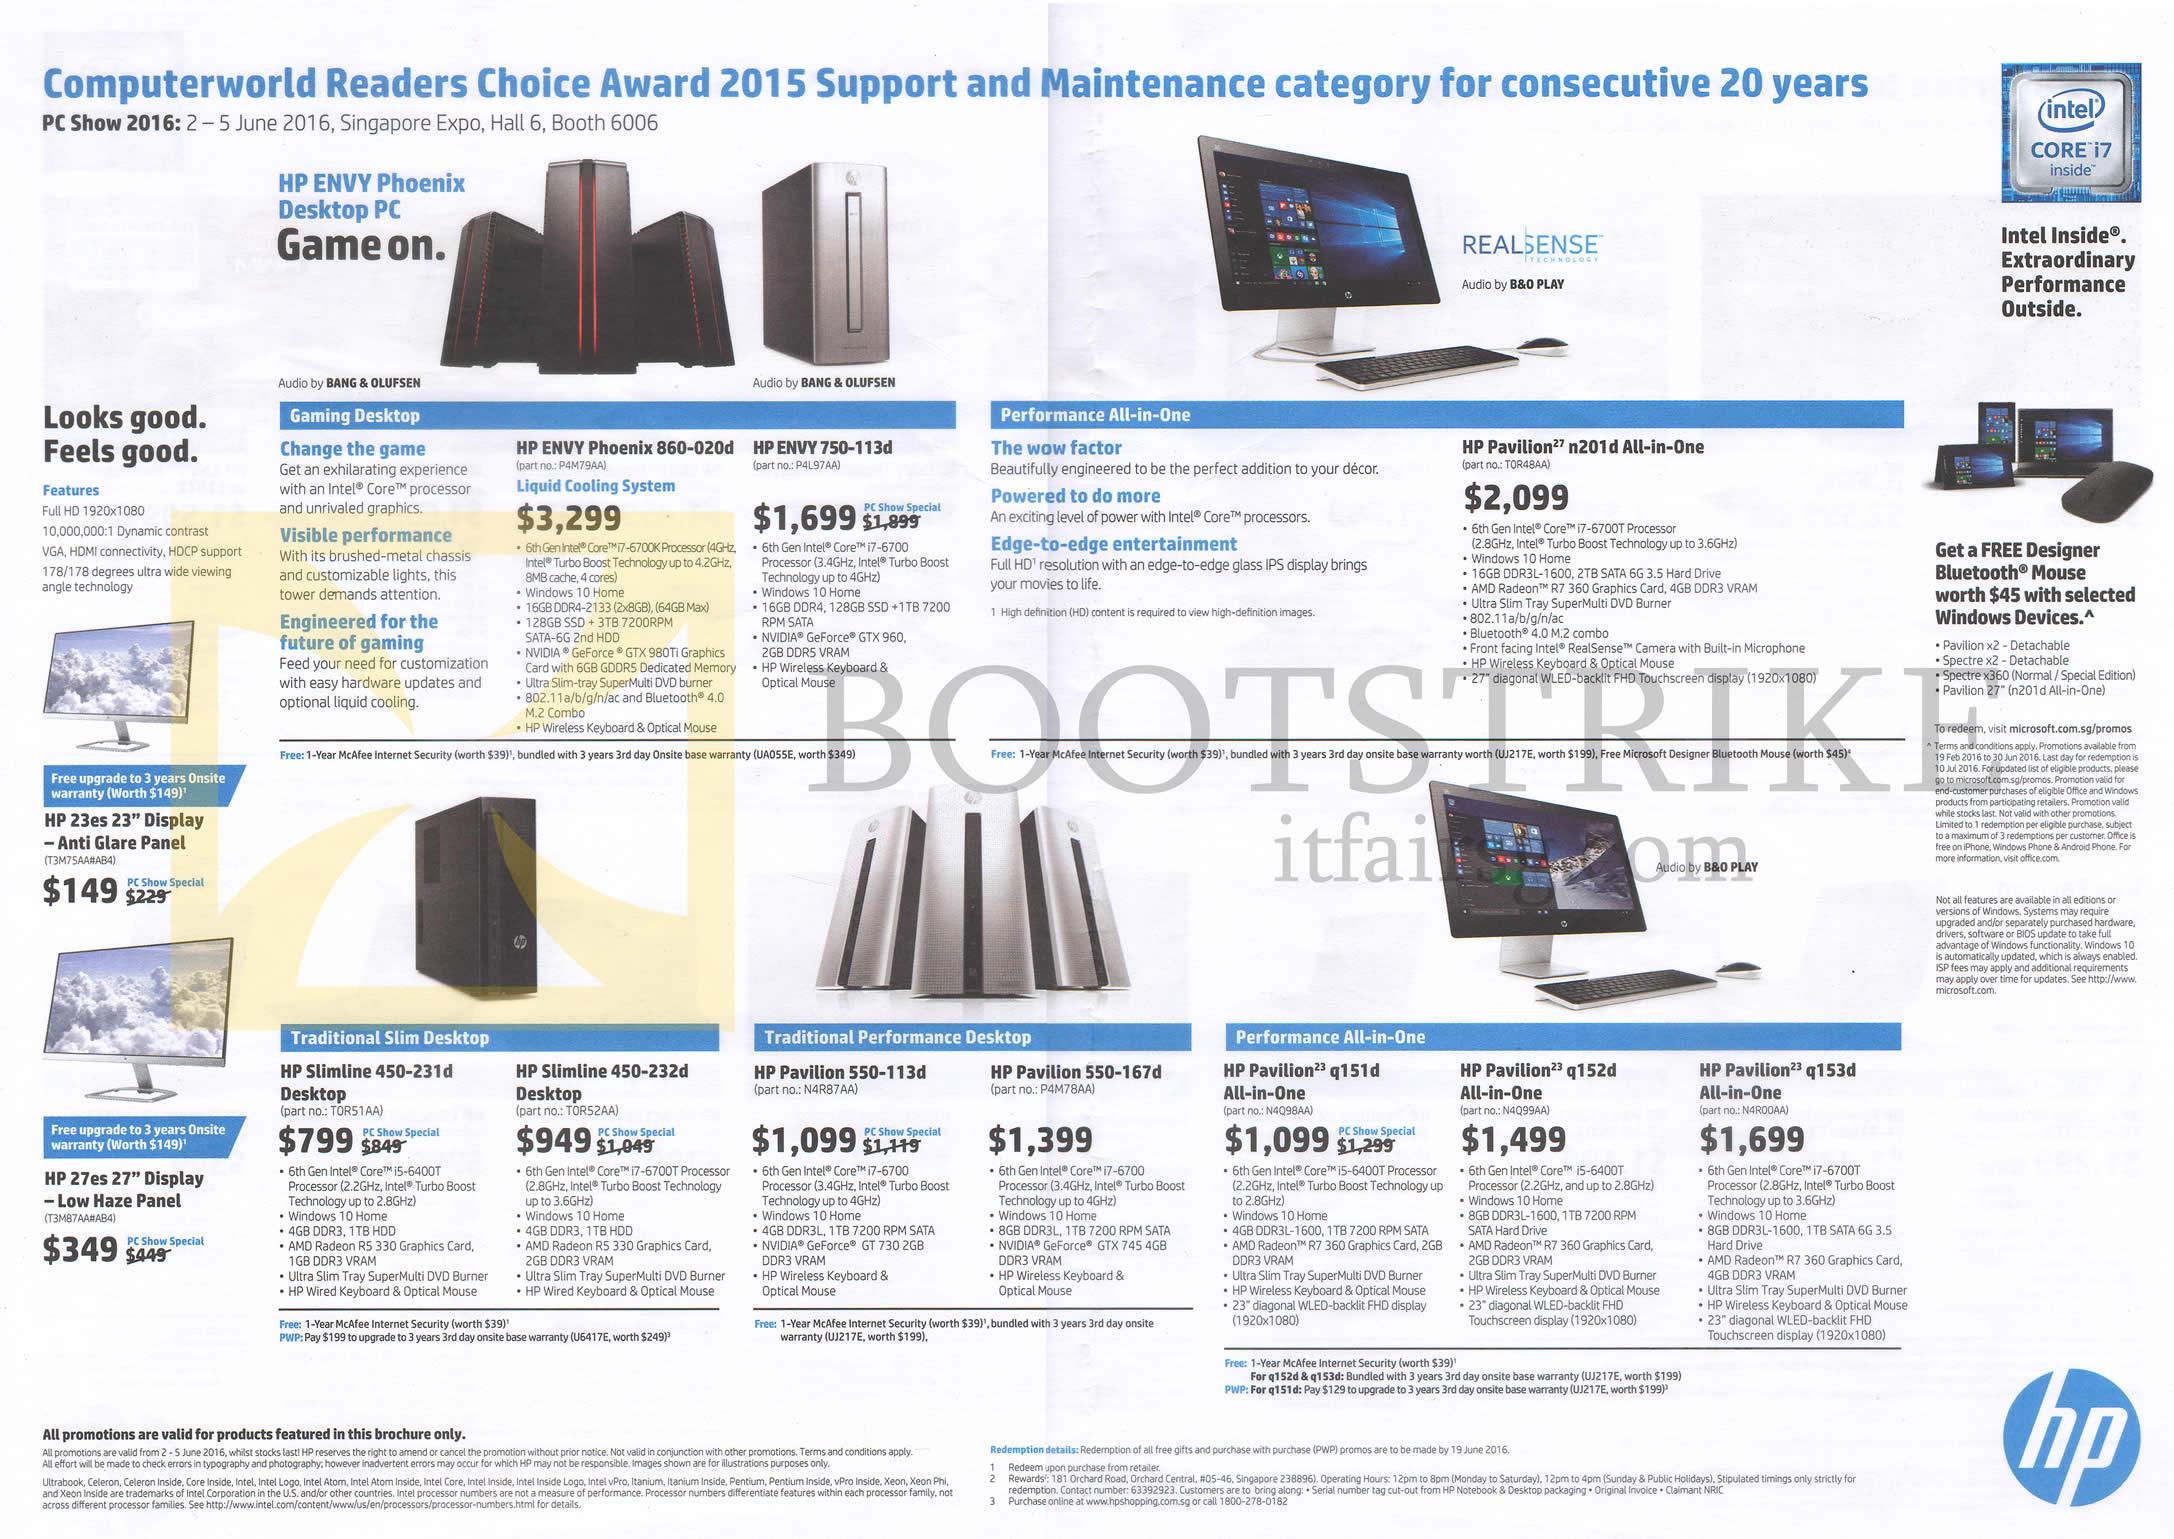 PC SHOW 2016 price list image brochure of HP Monitors, Desktop PCs Envy Phoenix 860-020d, 750-113d, Slimline 450-231d, 232d, Pavilion 550-113d, 167d, Q151d, Q152d, Q153d, N201, 23es, 27es